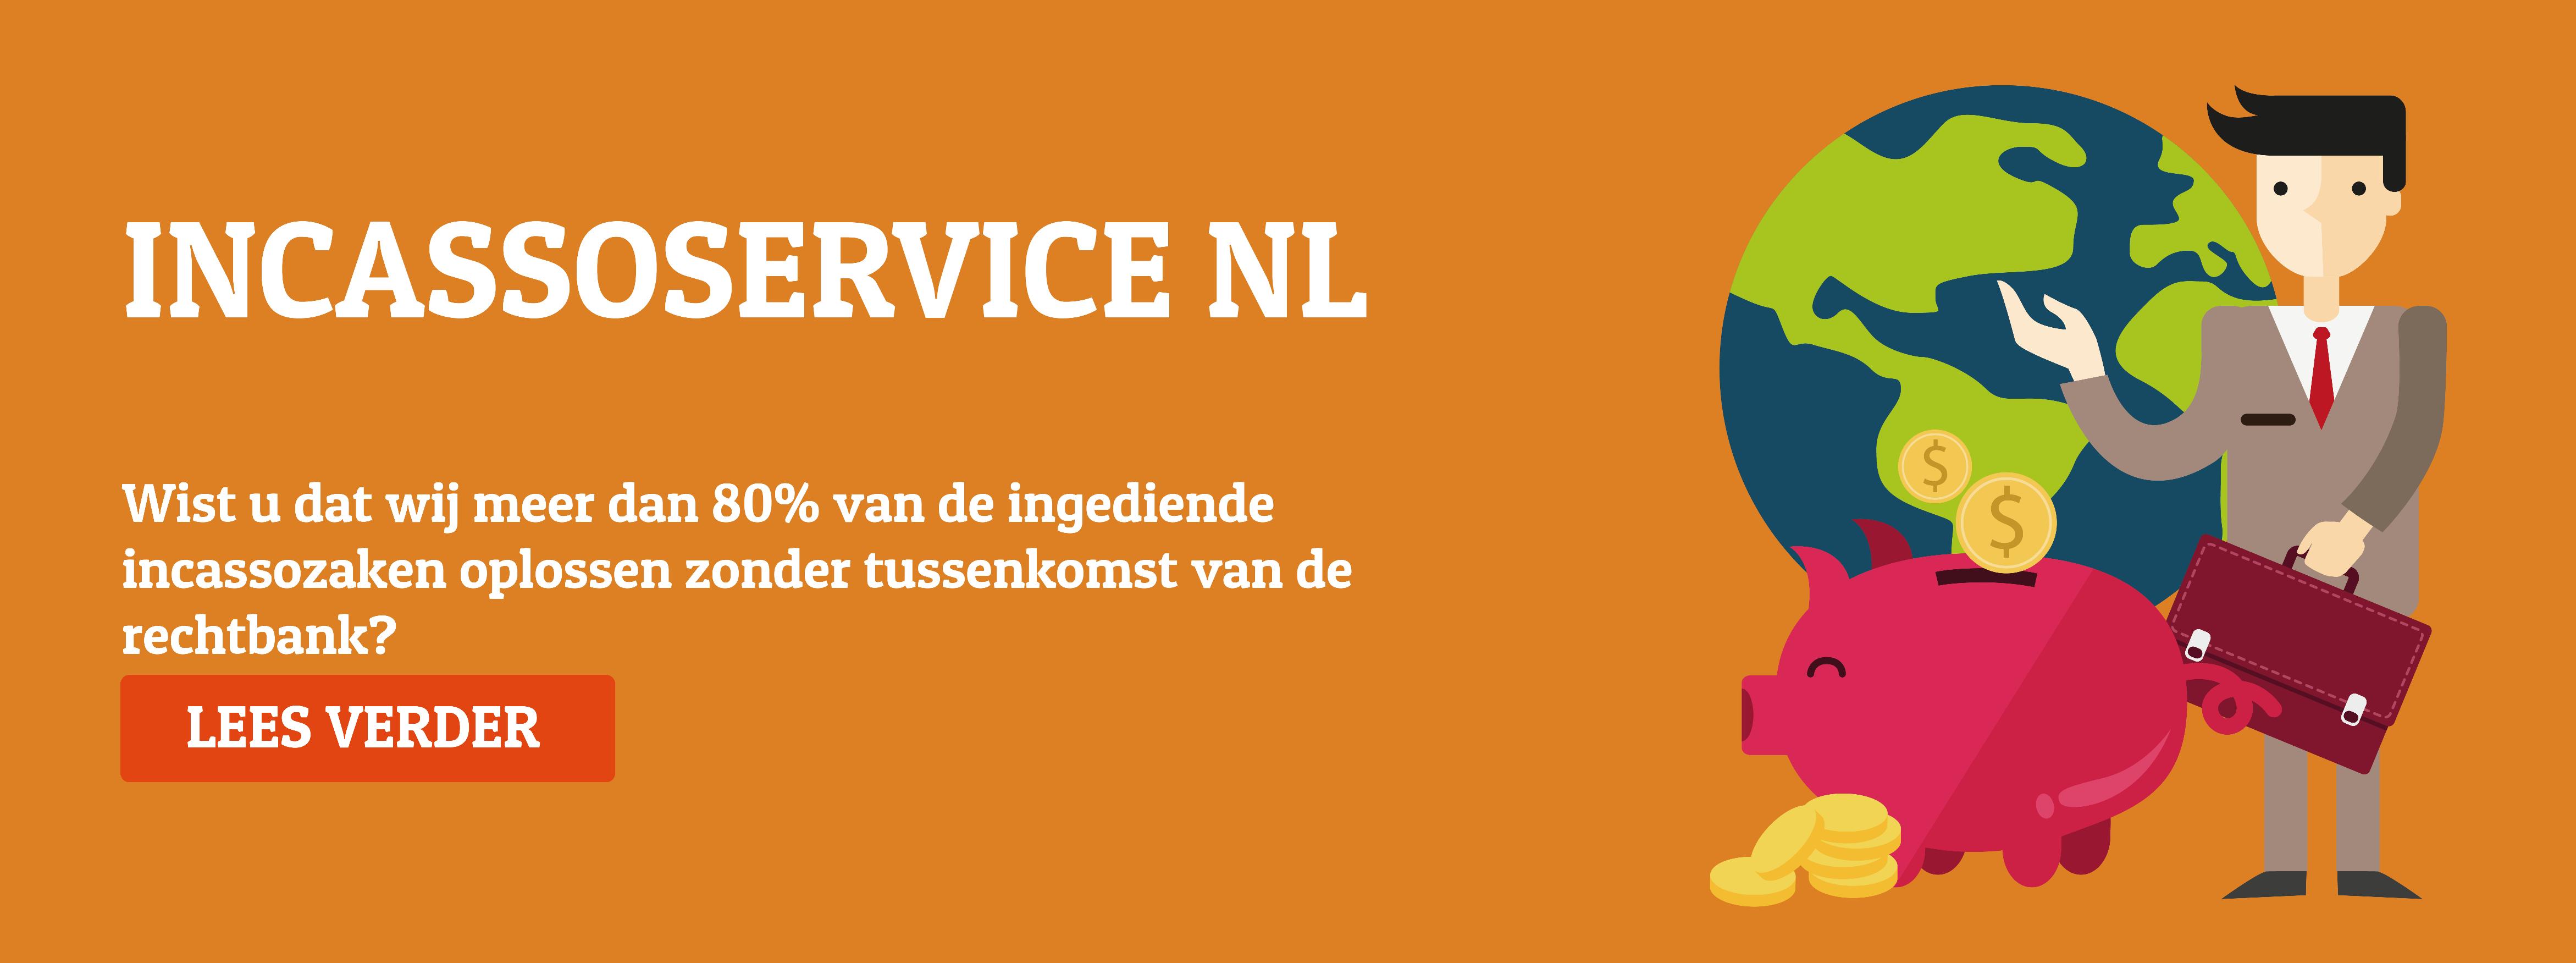 Incasso nl